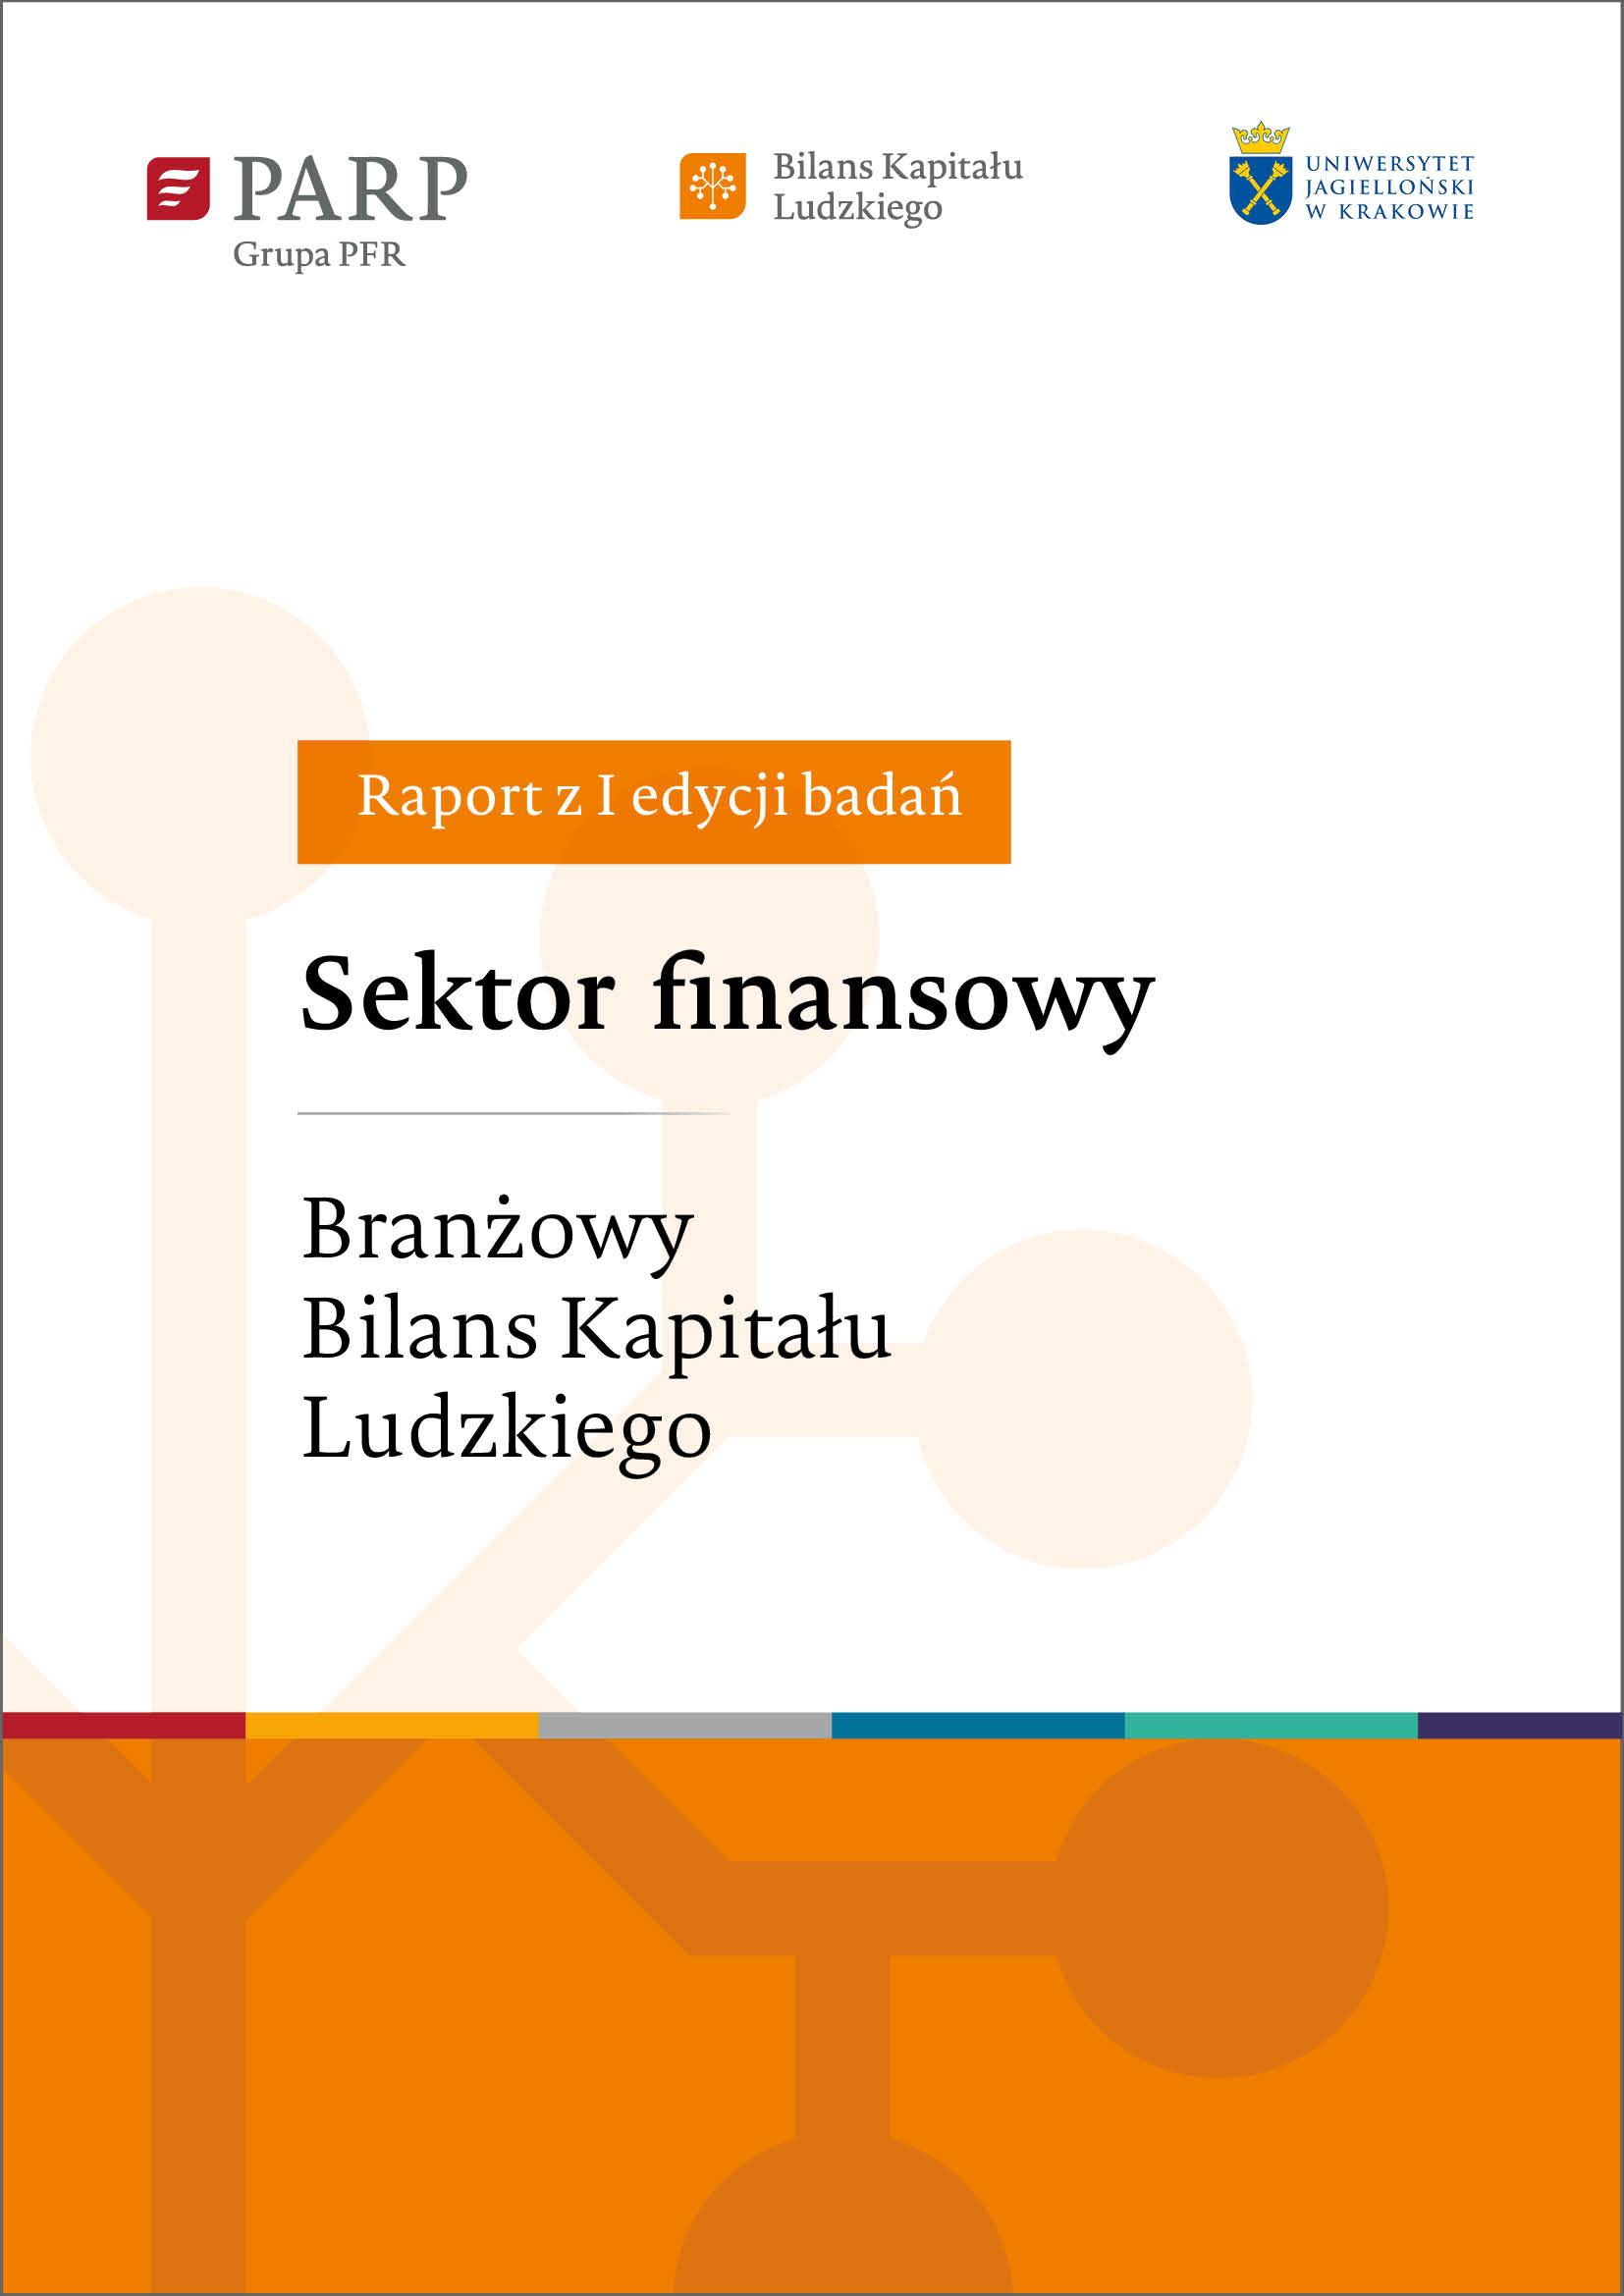 Sektor finansowy. Branżowy Bilans Kapitału Ludzkiego